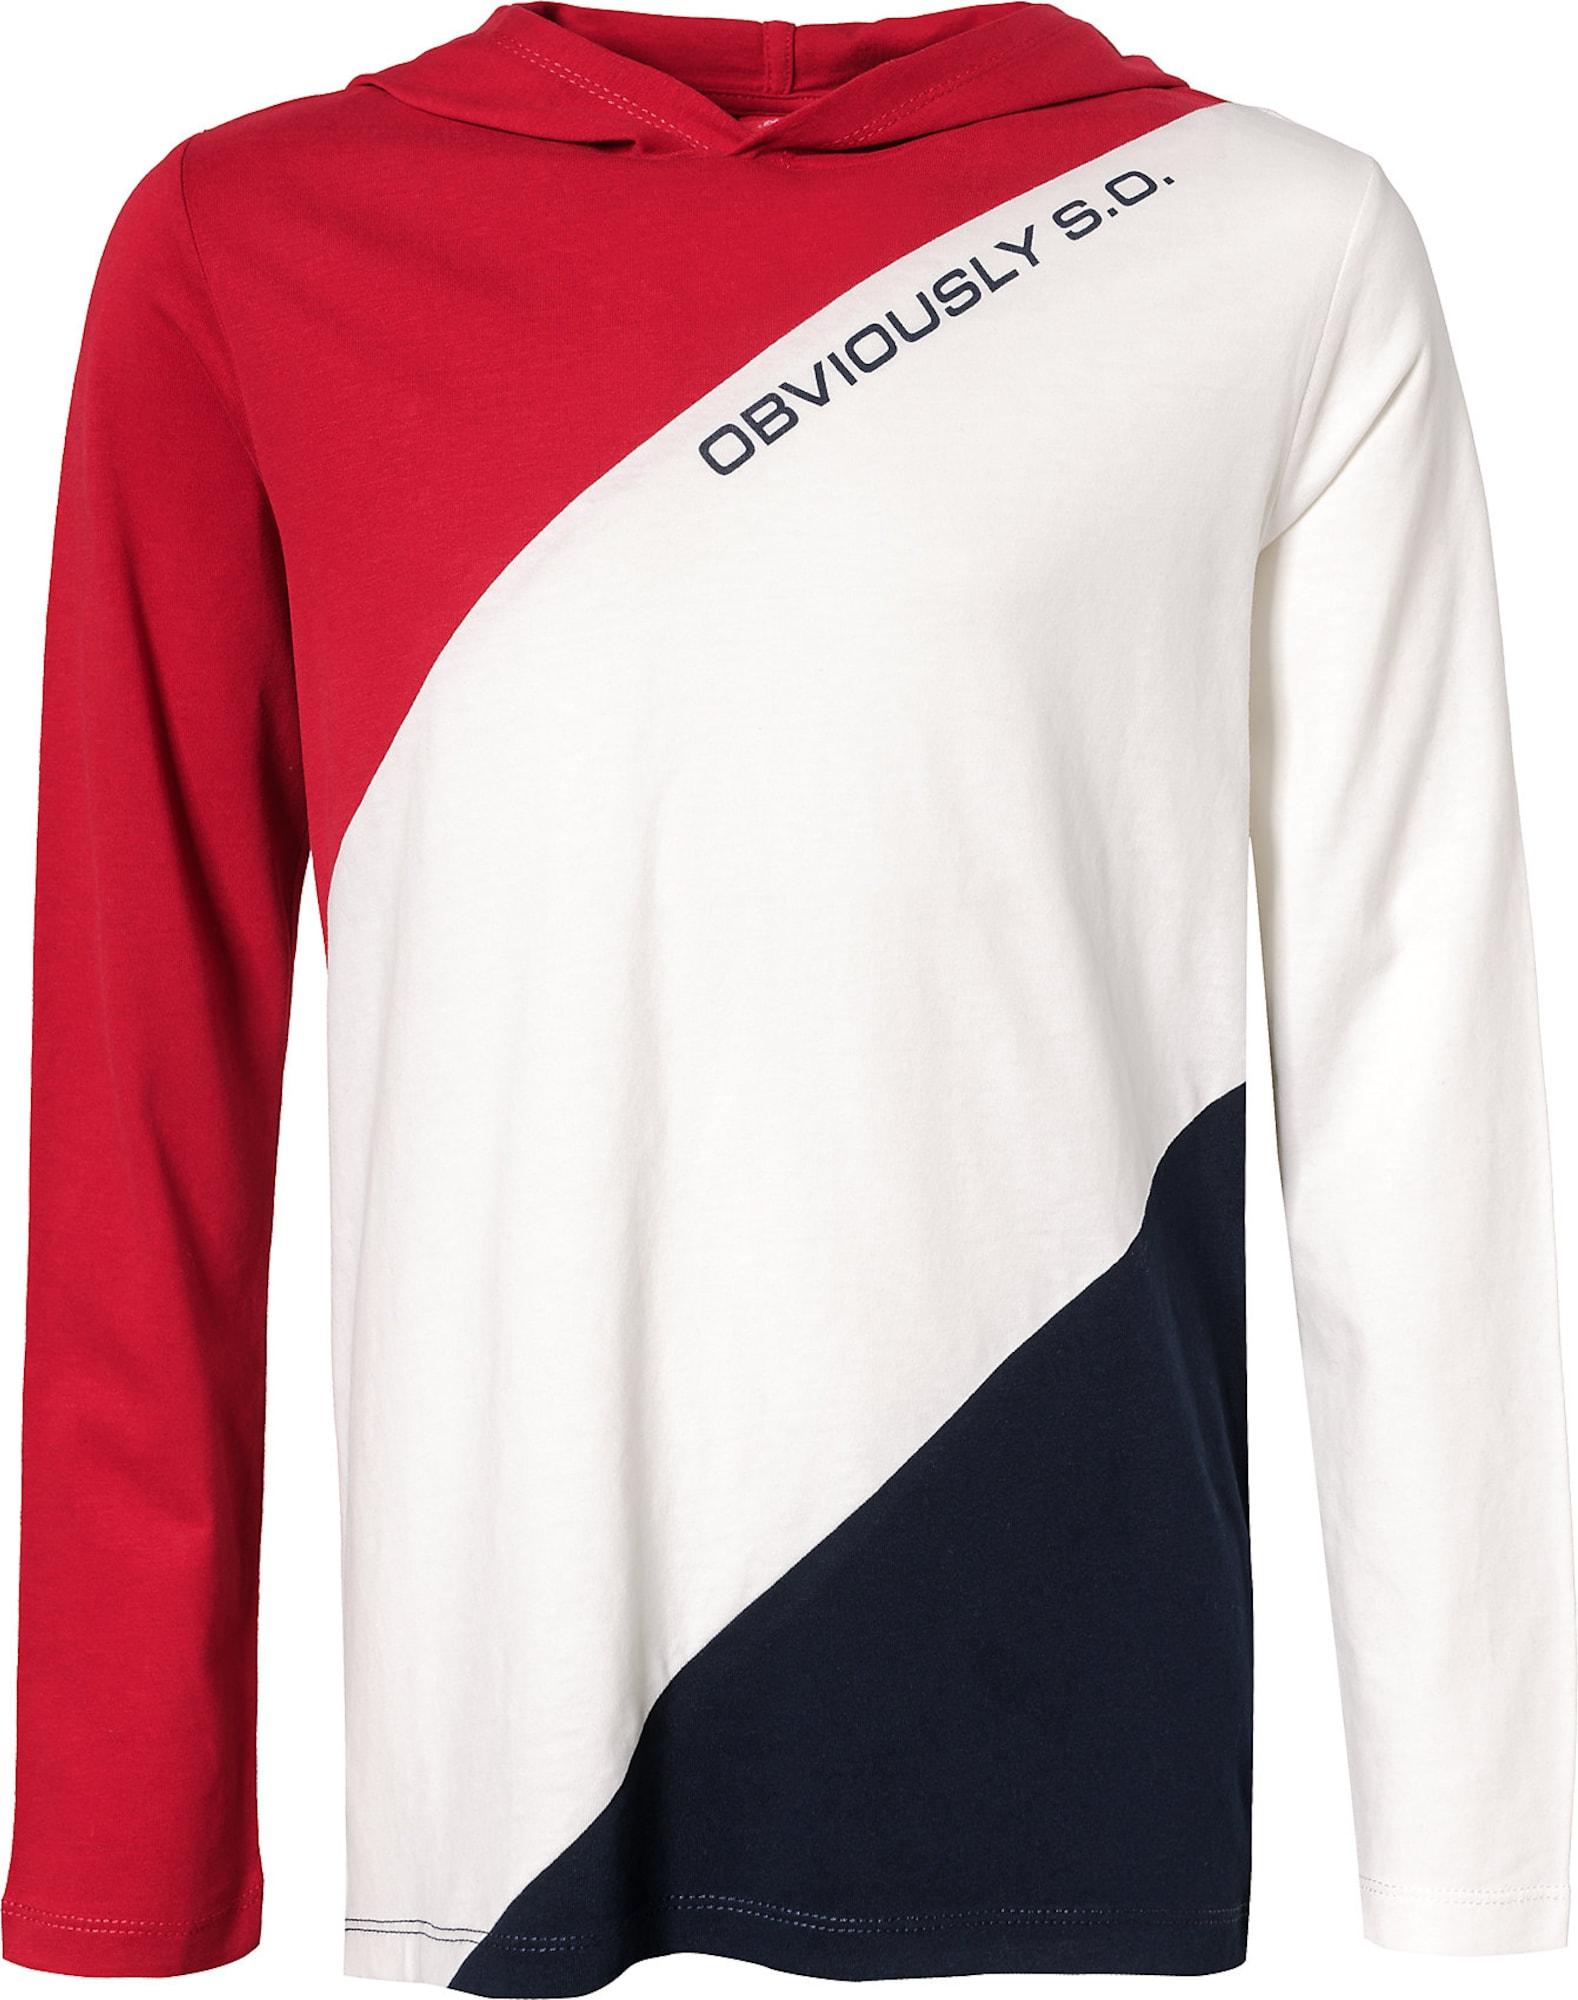 Jungen,  Kinder,  Kinder S.Oliver Shirt blau,  rot,  weiß, elfenbein,  grau, schwarz | 04057318387374